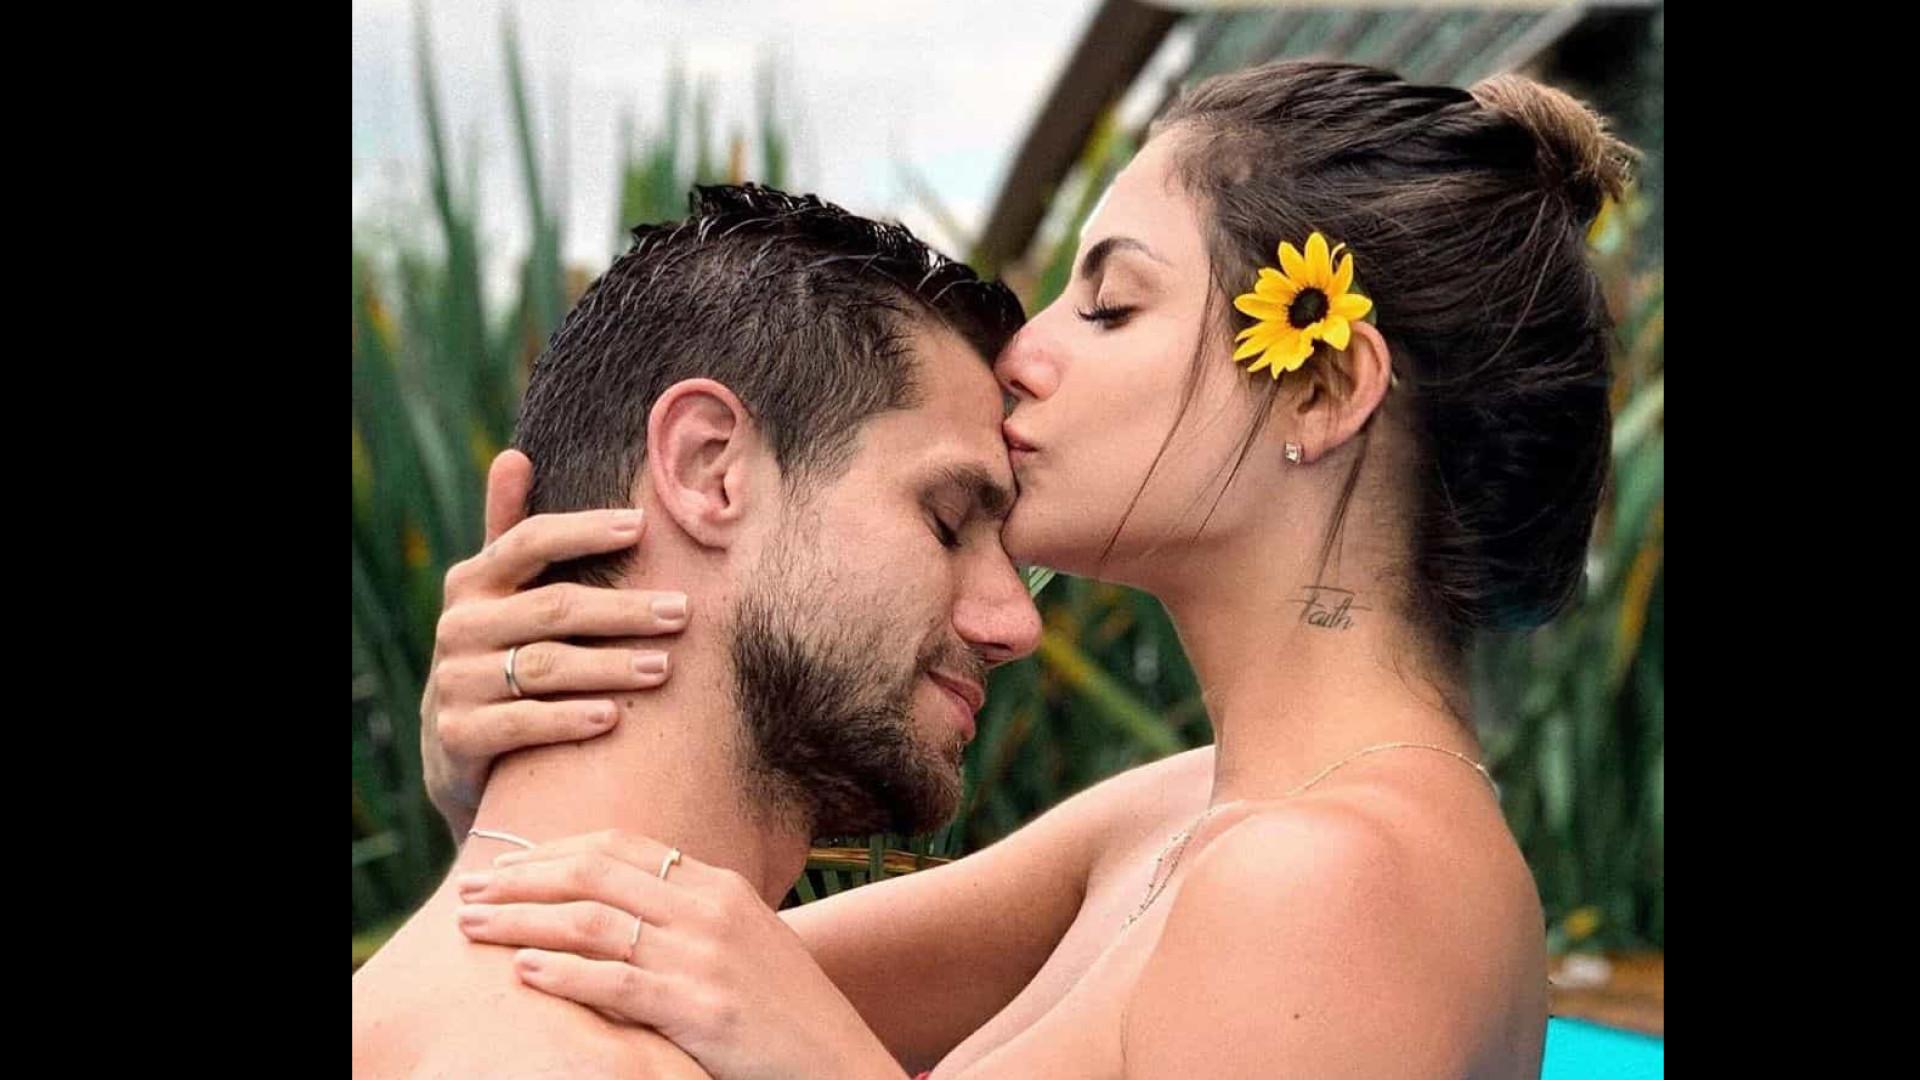 Romantismo no BBB: agora teve pedido de casamento